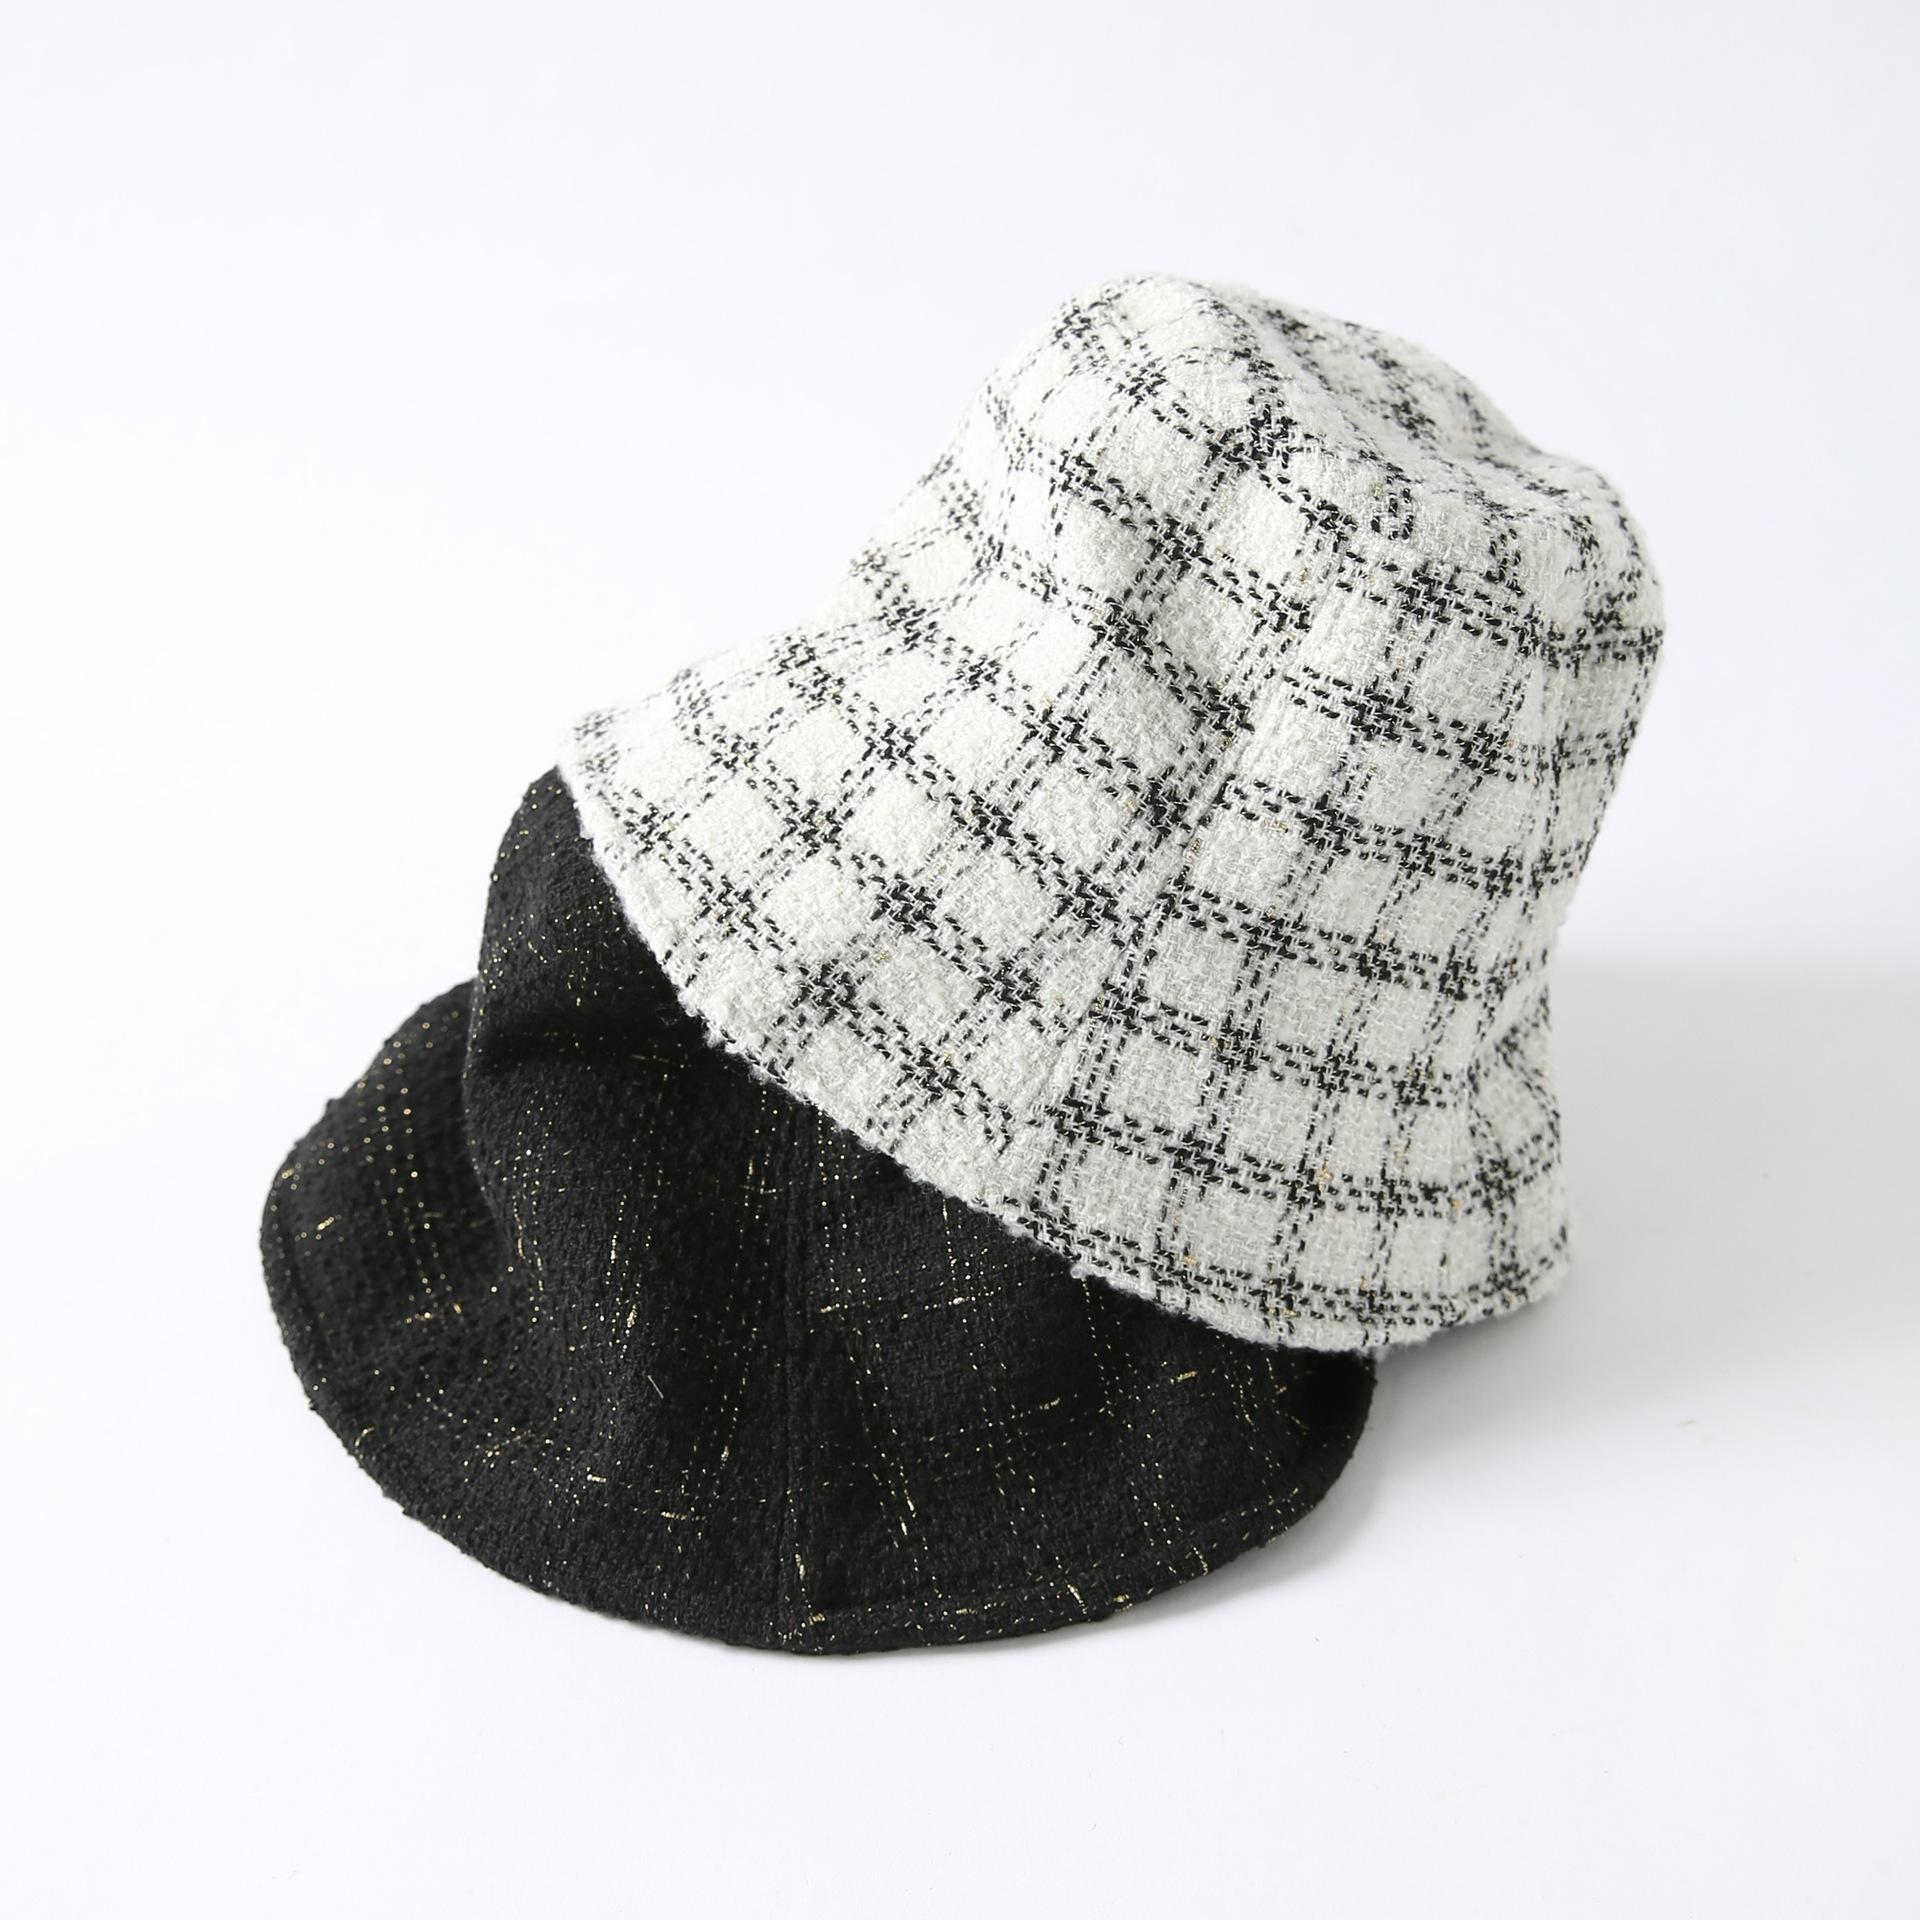 Panama Bucket Hat Frauen Herbst Winter Einfache Bucket Cap schwarz weiß Gitter Bob Hat Casual Chic Gorros Fischen-Fischer-Hut